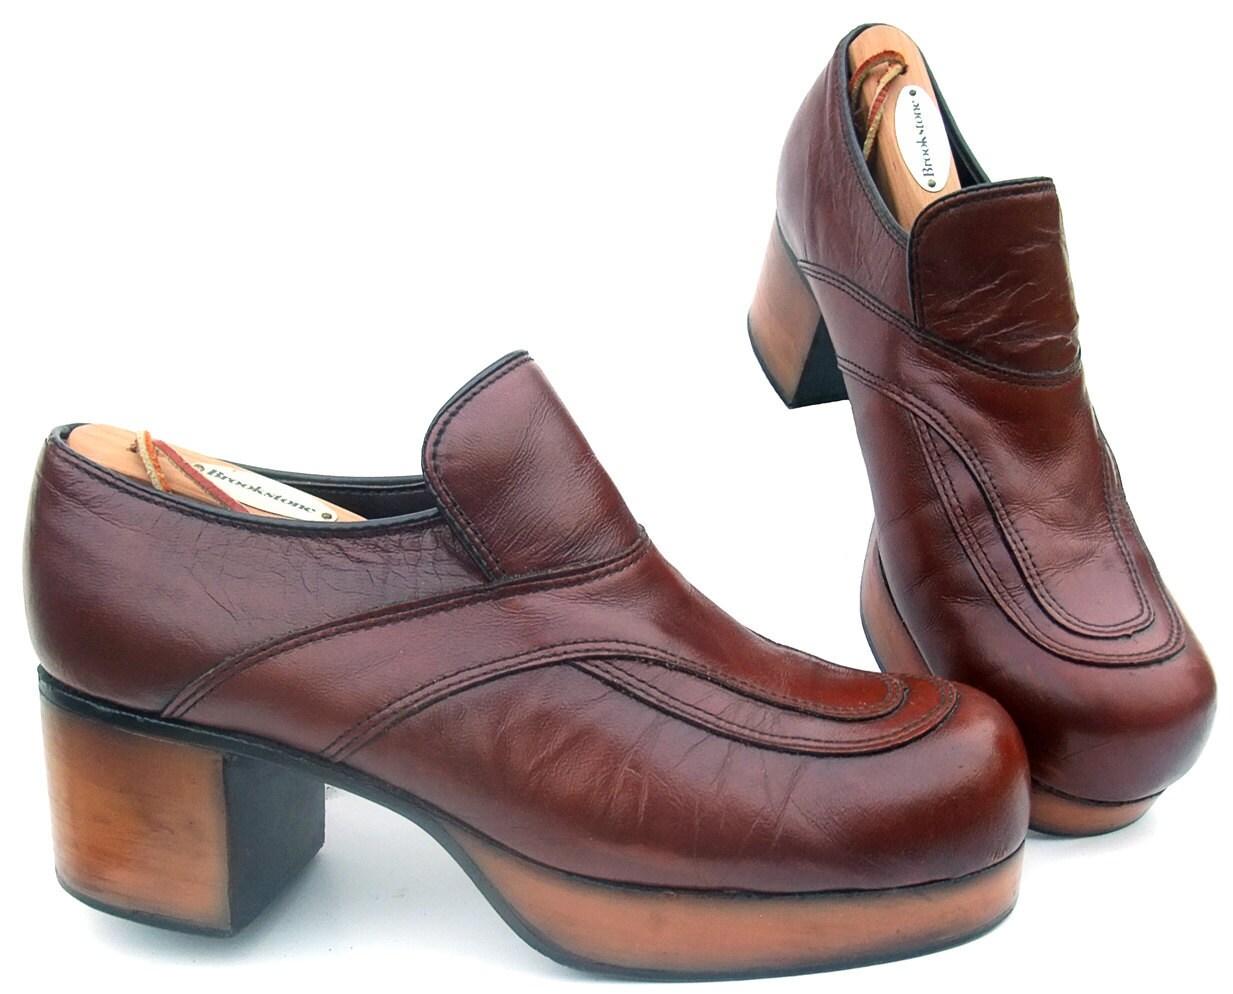 vintage 1970s platform shoes disco pimp brown leather 9